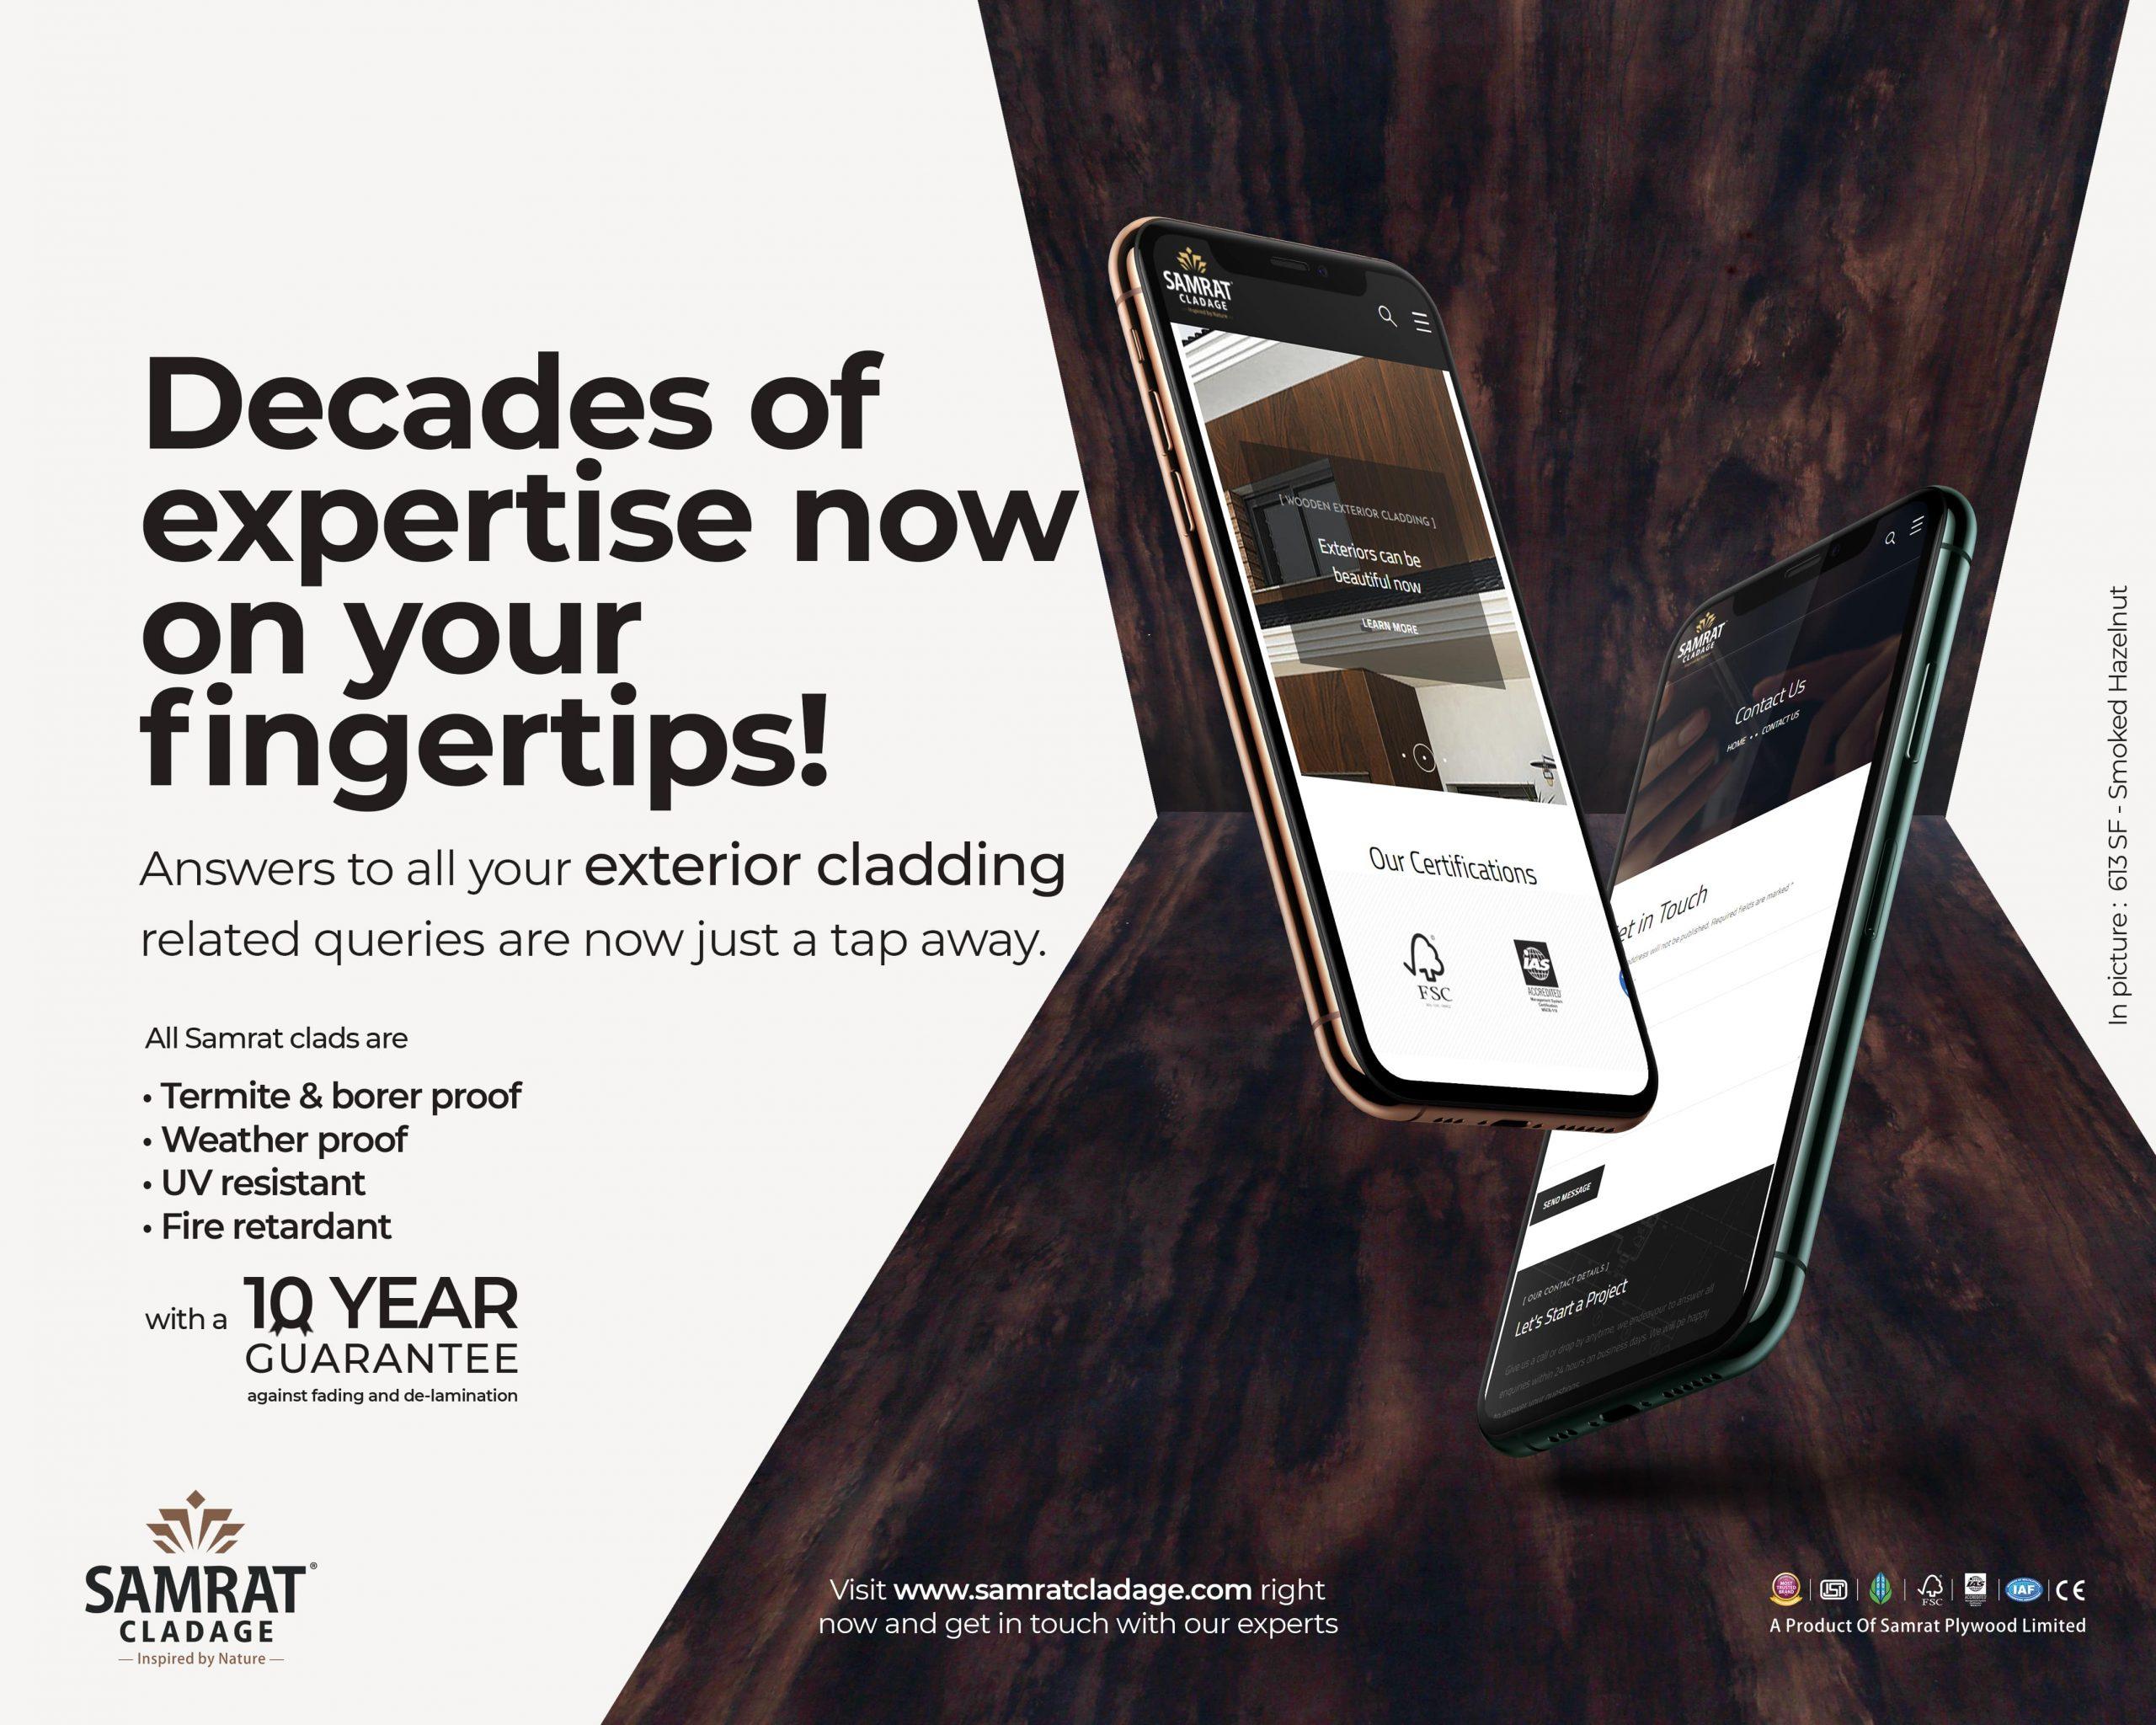 Expertise at fingertips